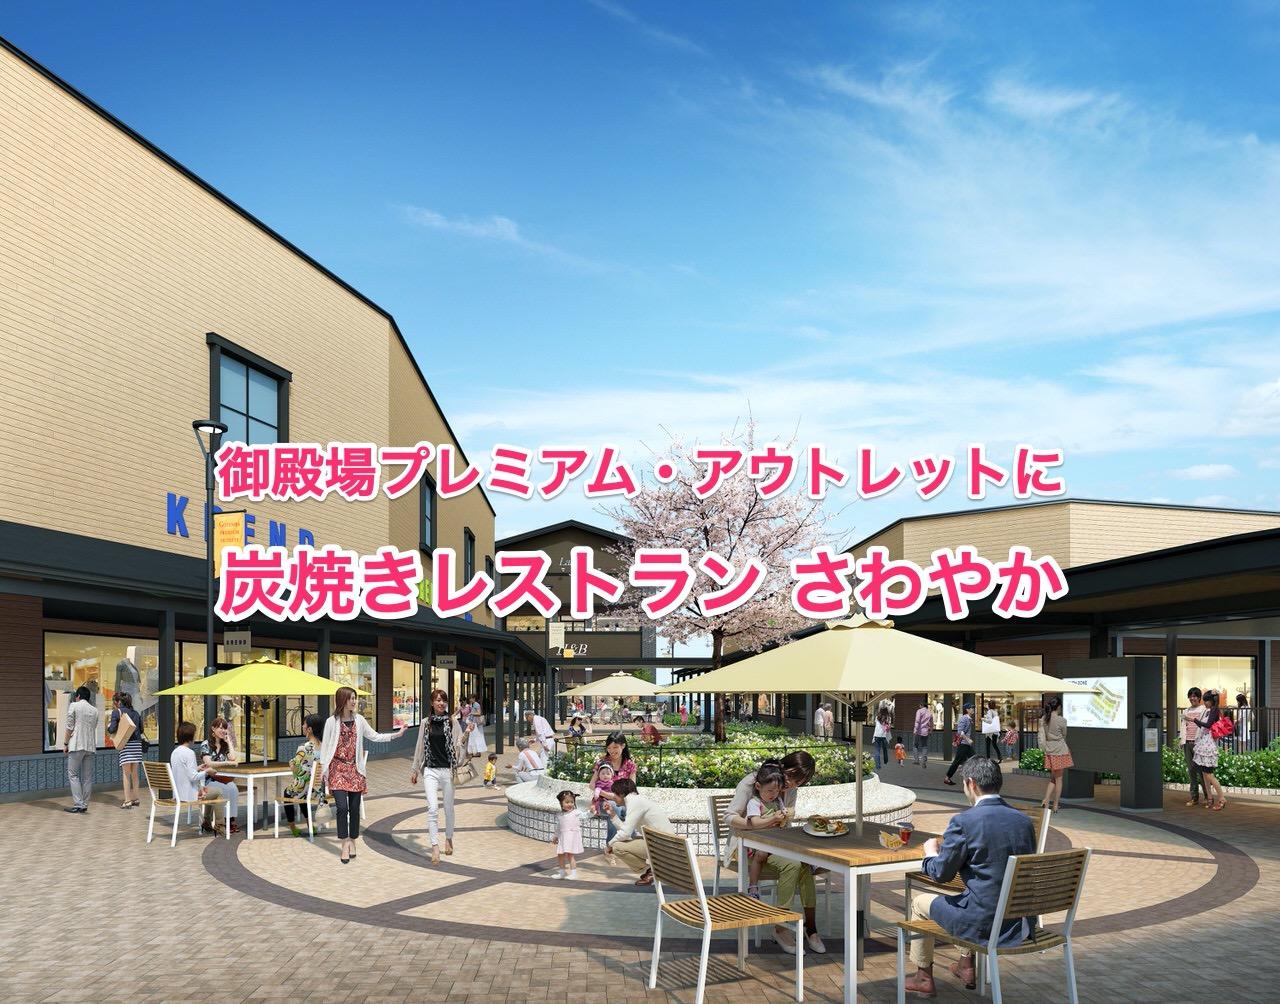 「炭焼きレストランさわやか」が御殿場プレミアム・アウトレットに出店(4/16オープン)